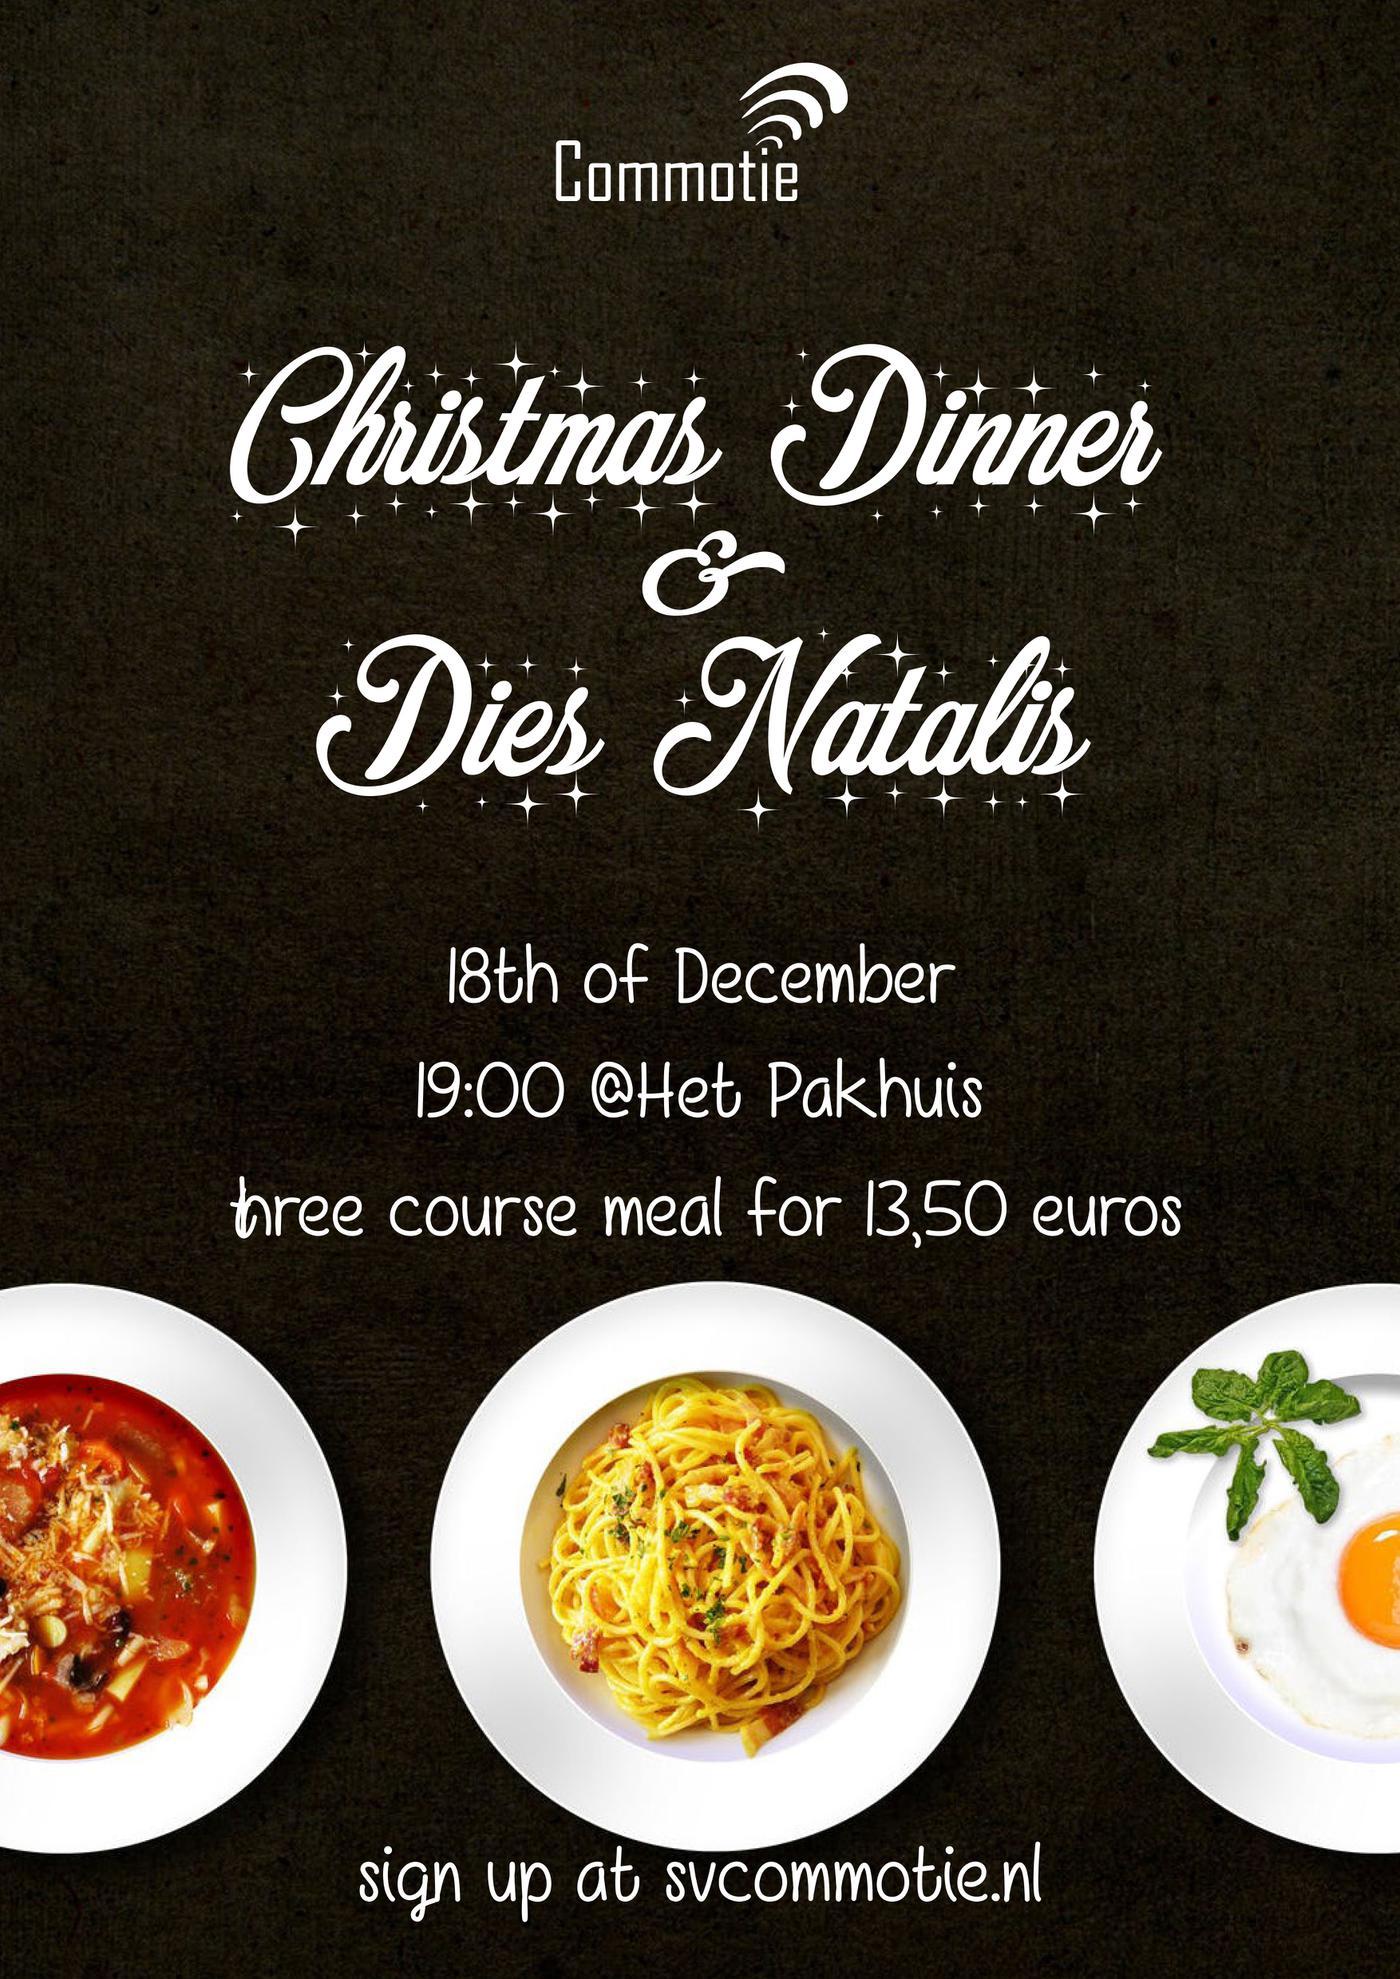 Christmas Dinner & Dies Natalis